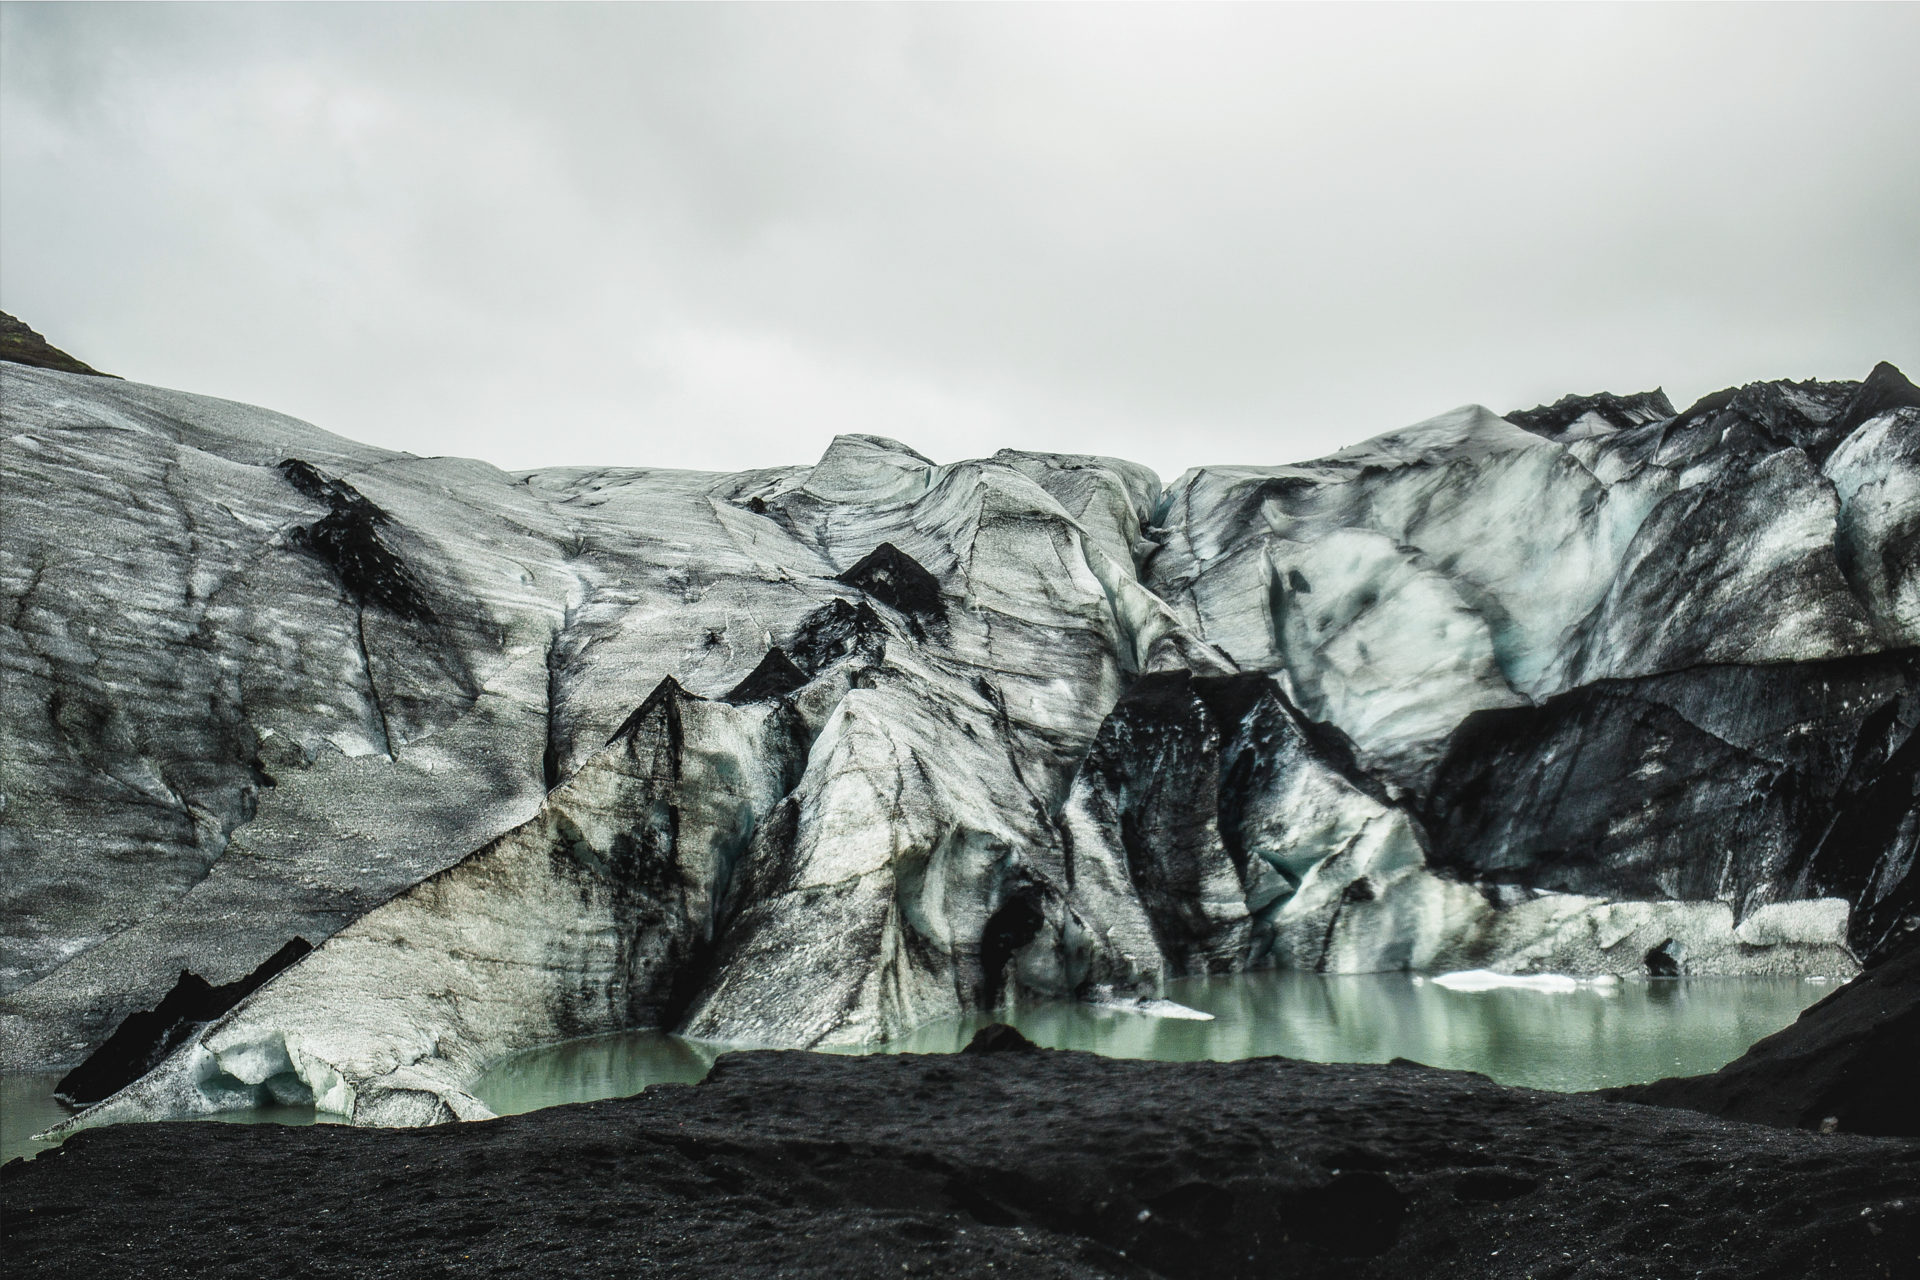 Iceland_Island_0005_Carolin-Weinkopf